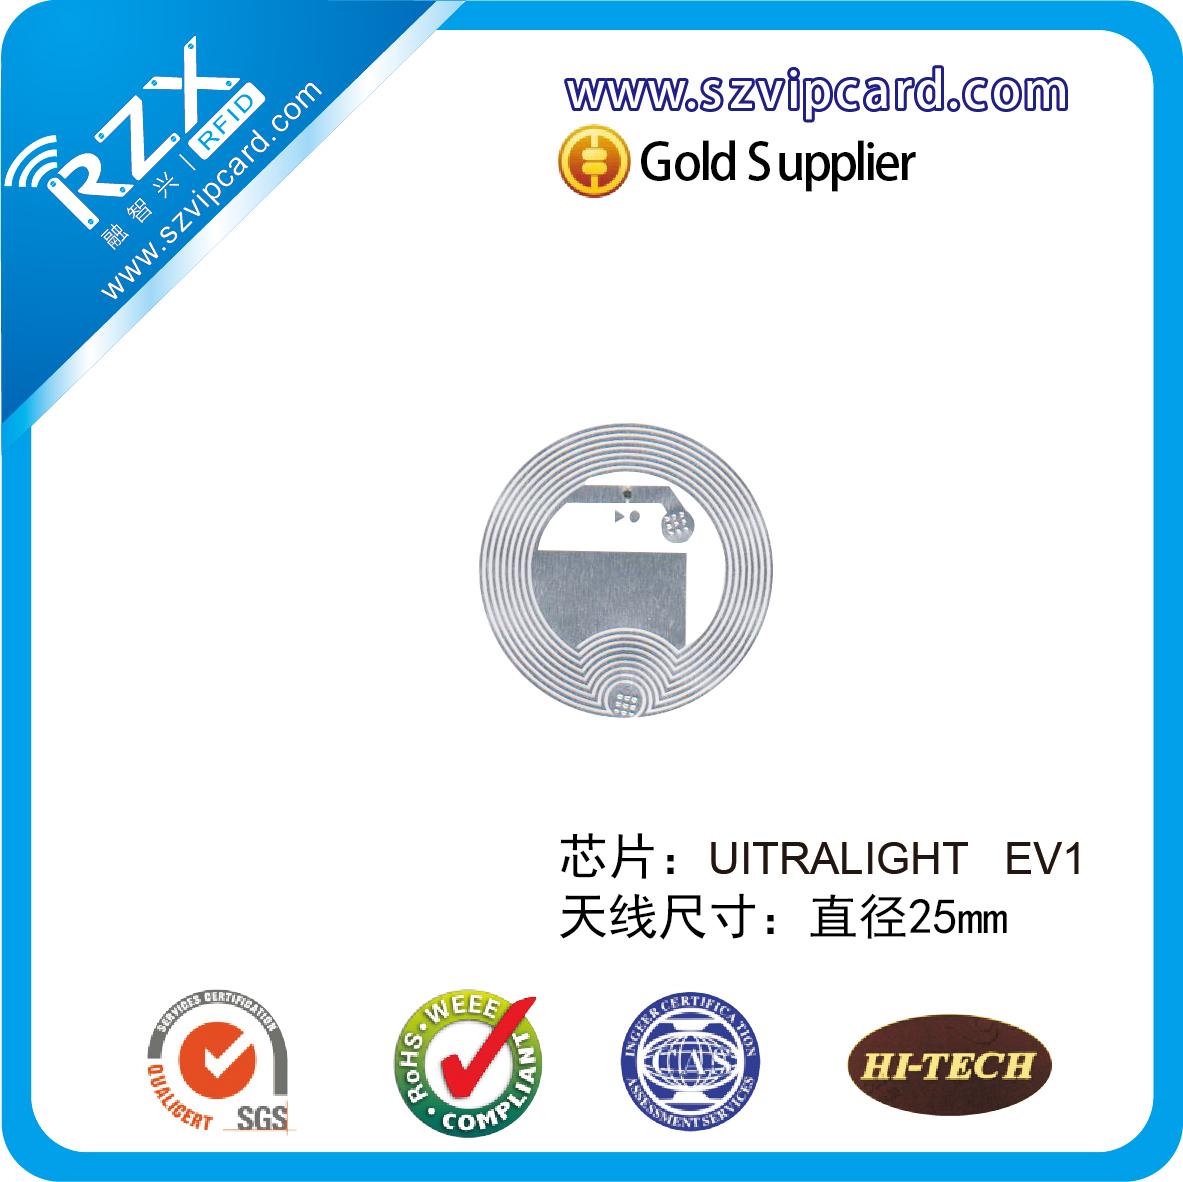 RZX-HW15  高频标签 UITRALIGHT   EV1